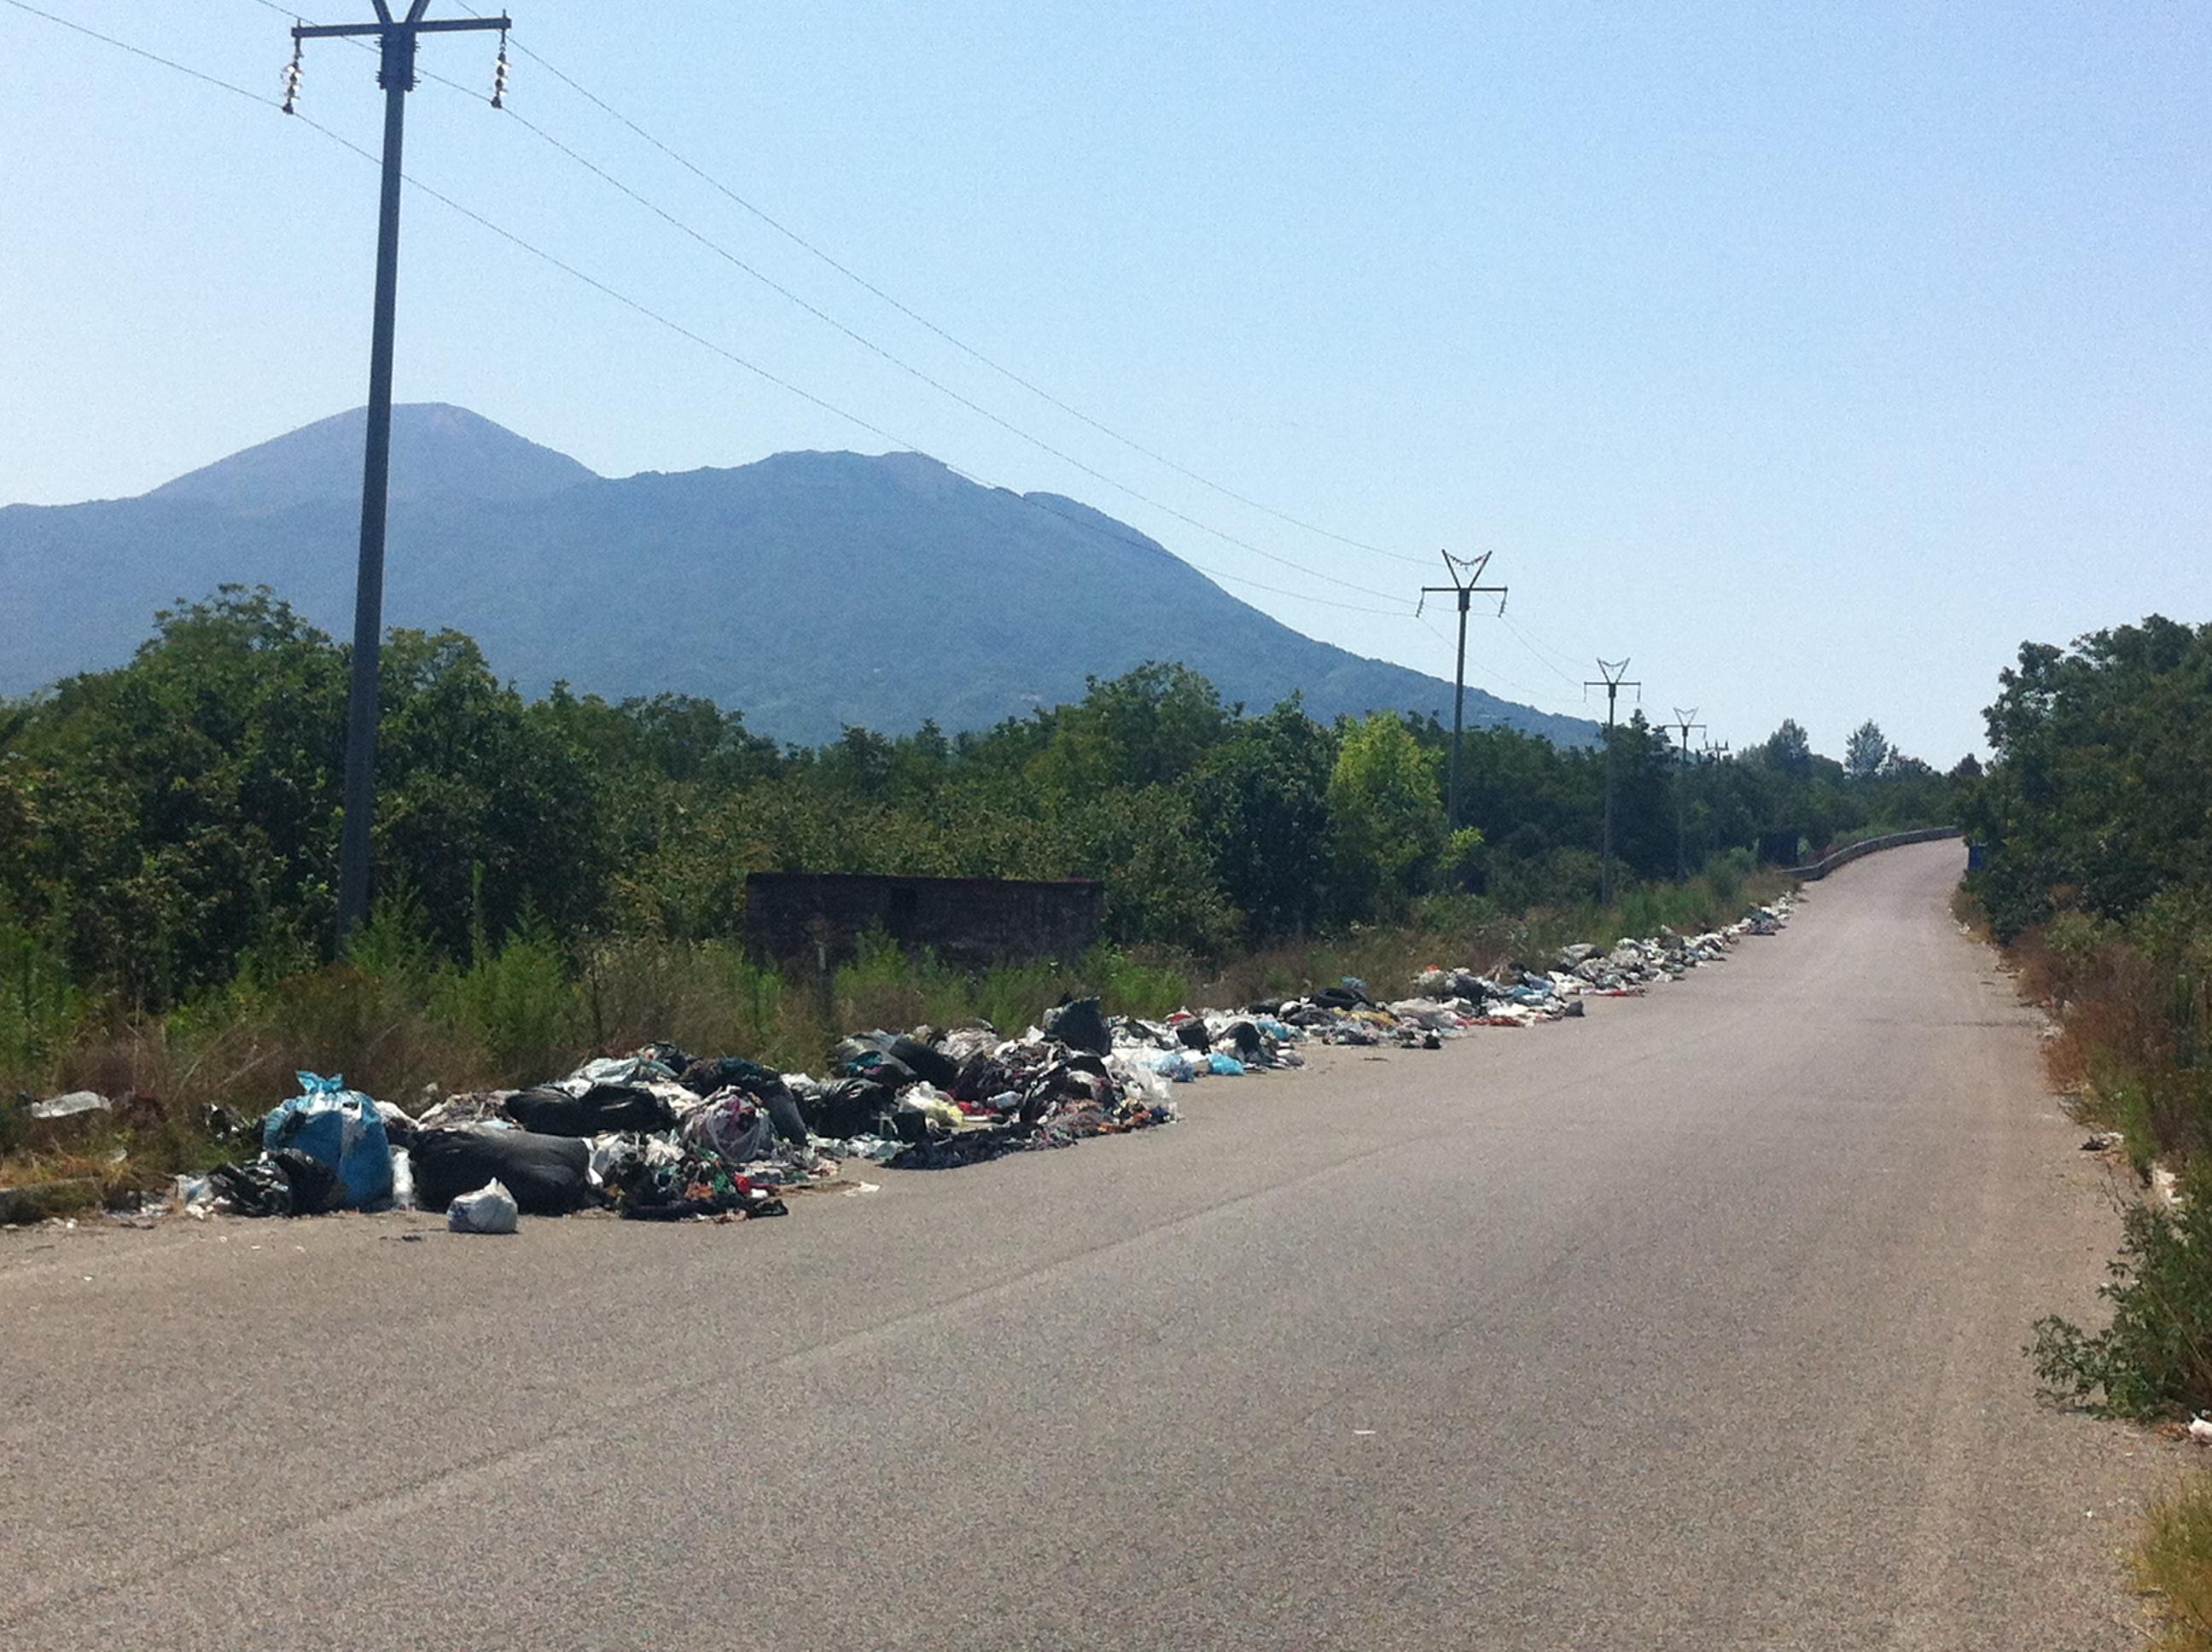 Sotto il Vesuvio tornano i rifiuti, di chi la colpa?